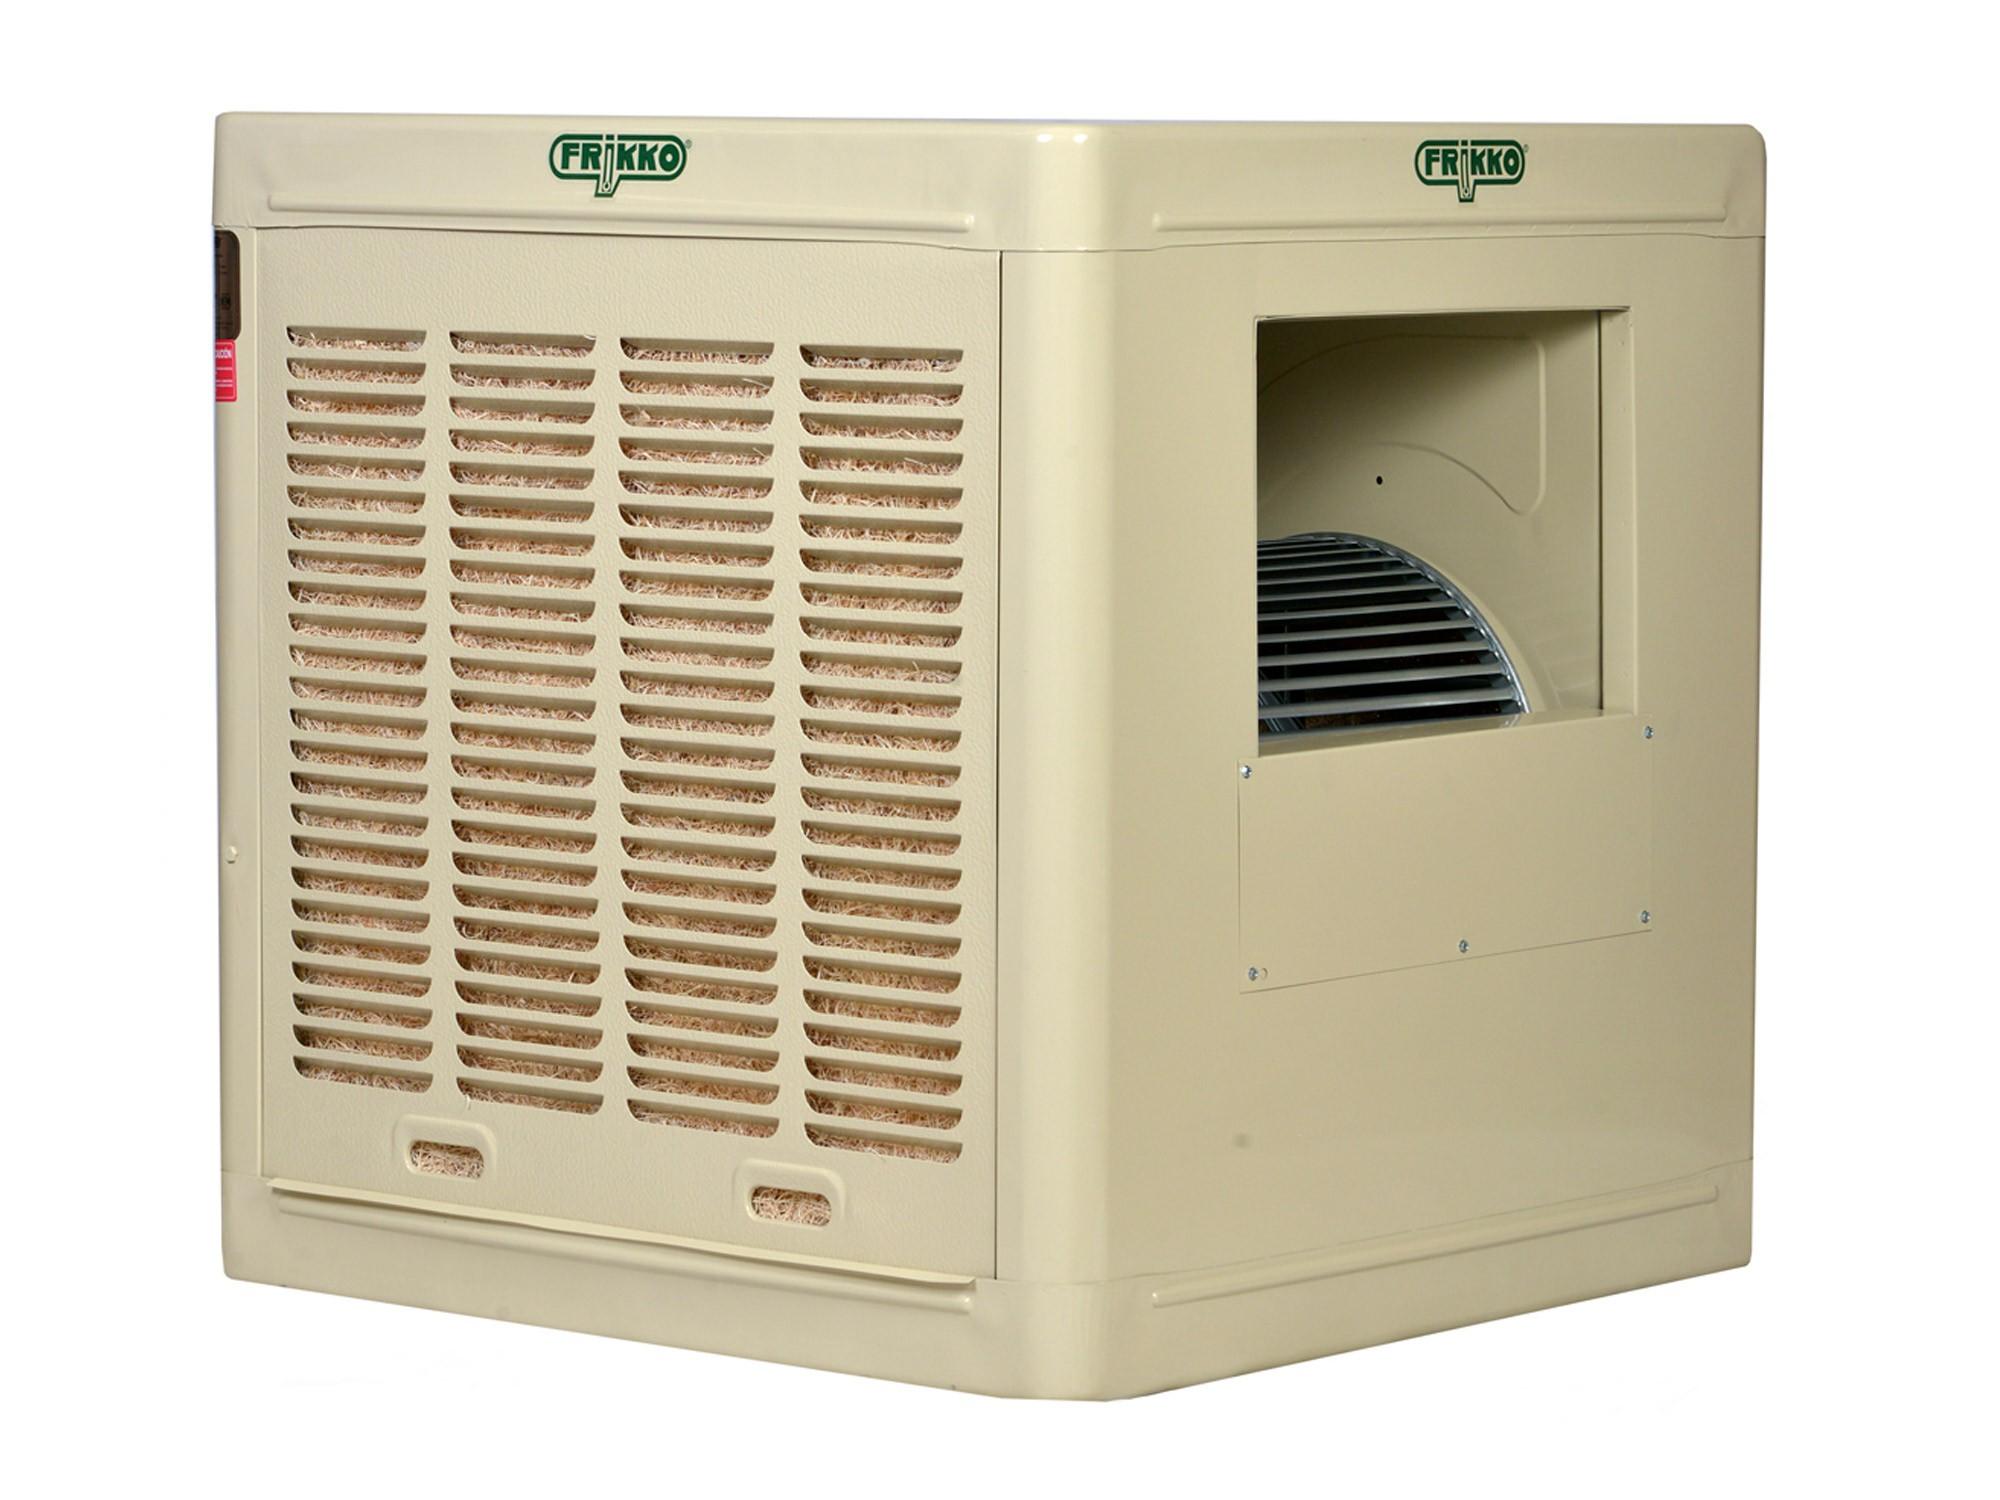 Compra aire acondicionado frikko minisplit solo frío 12,000 btu/h.